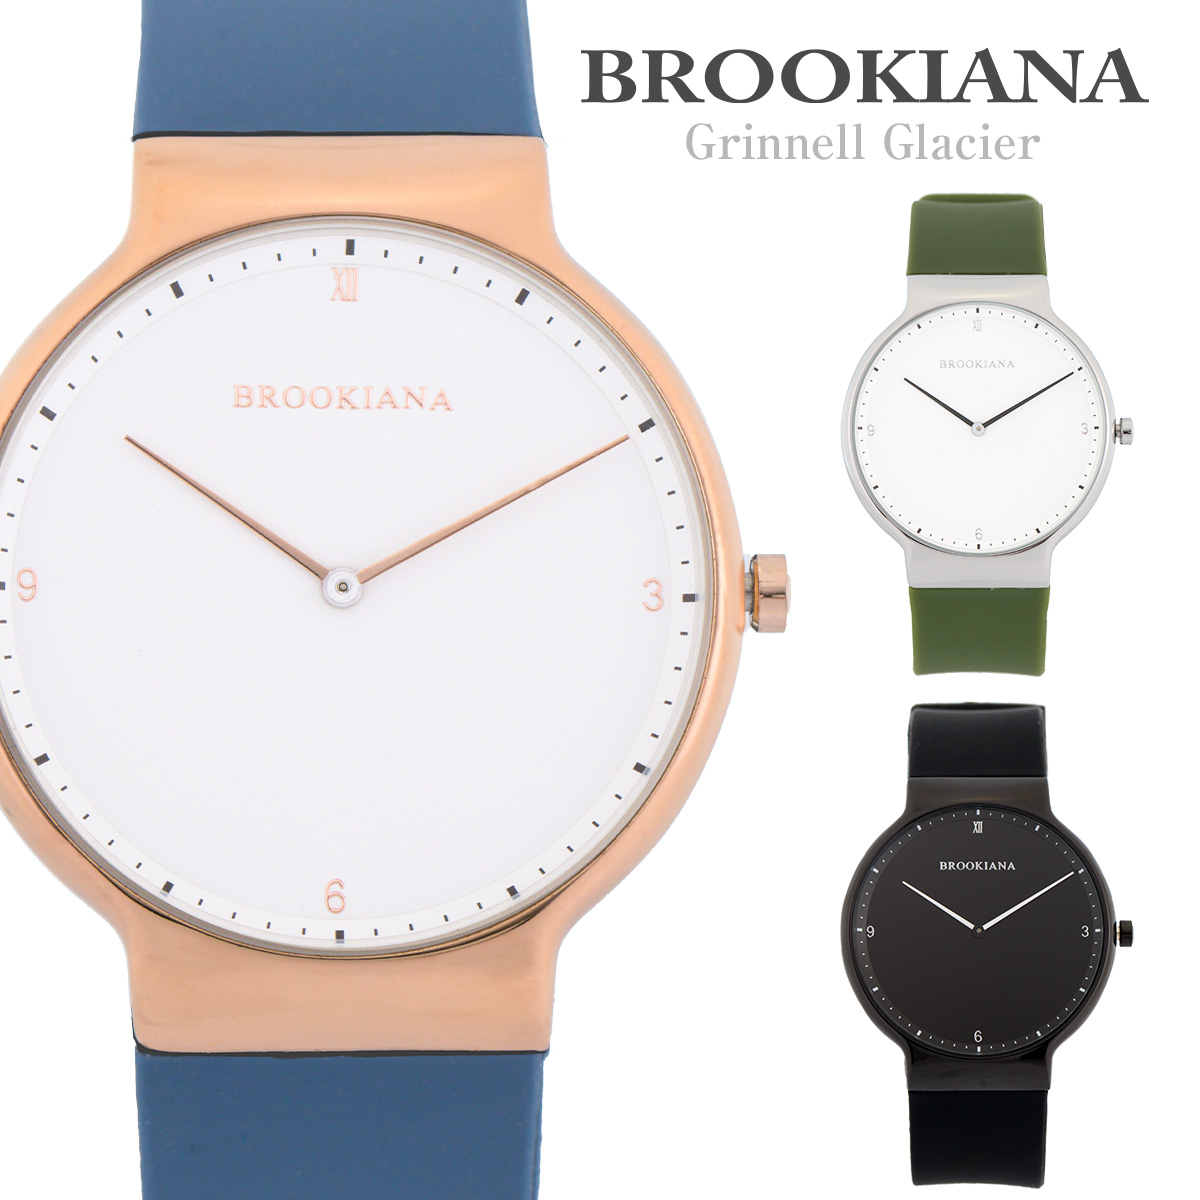 ブルッキアーナ BROOKIANA ba0062 レディース 時計 腕時計 クォーツ 防水 シリコンベルト 薄型 ブランド シンプル